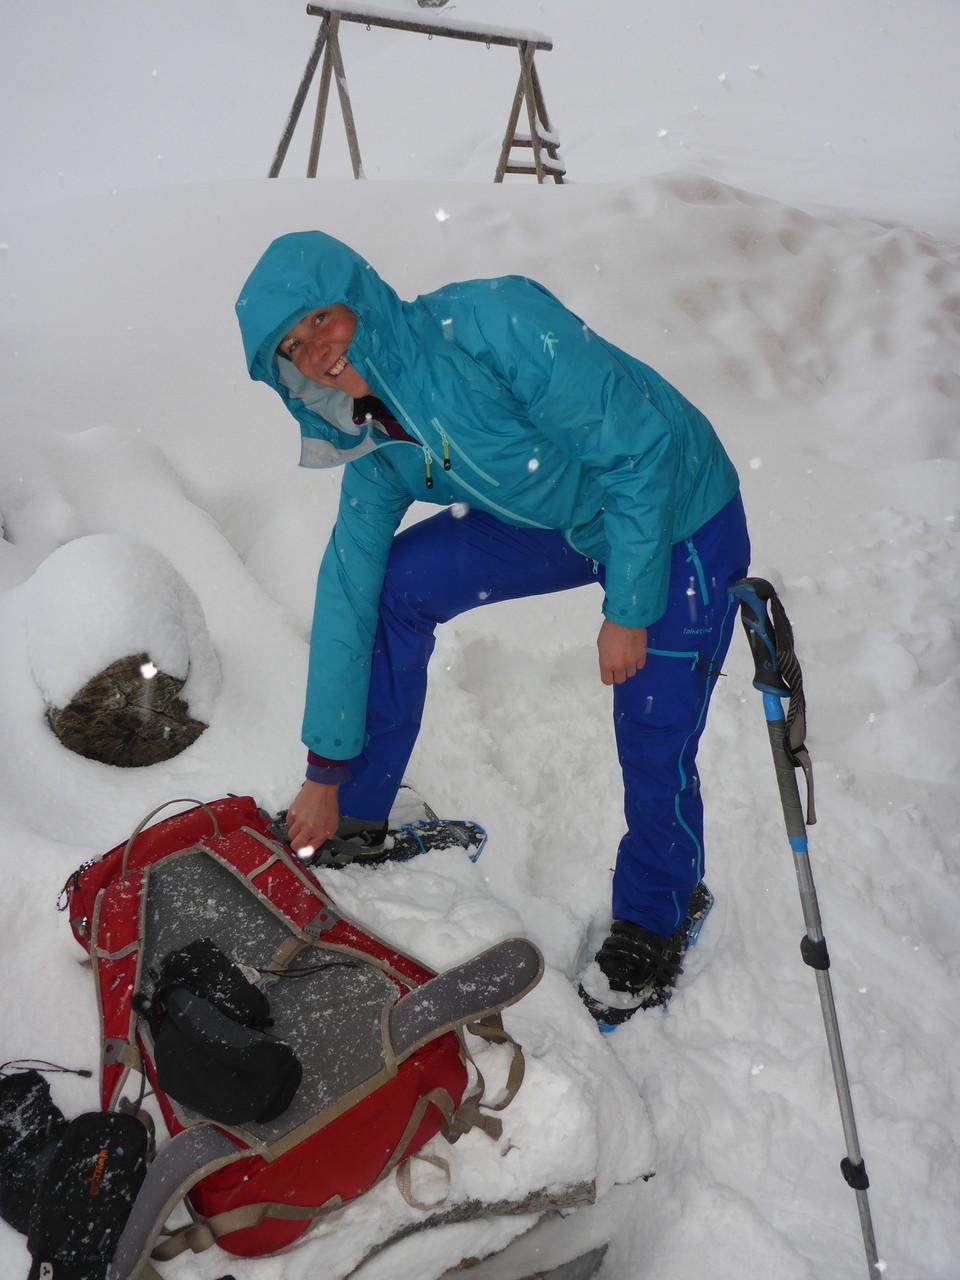 am letzten Tag schneit es und wir steigen nur noch von der Hütte ins Tal ab